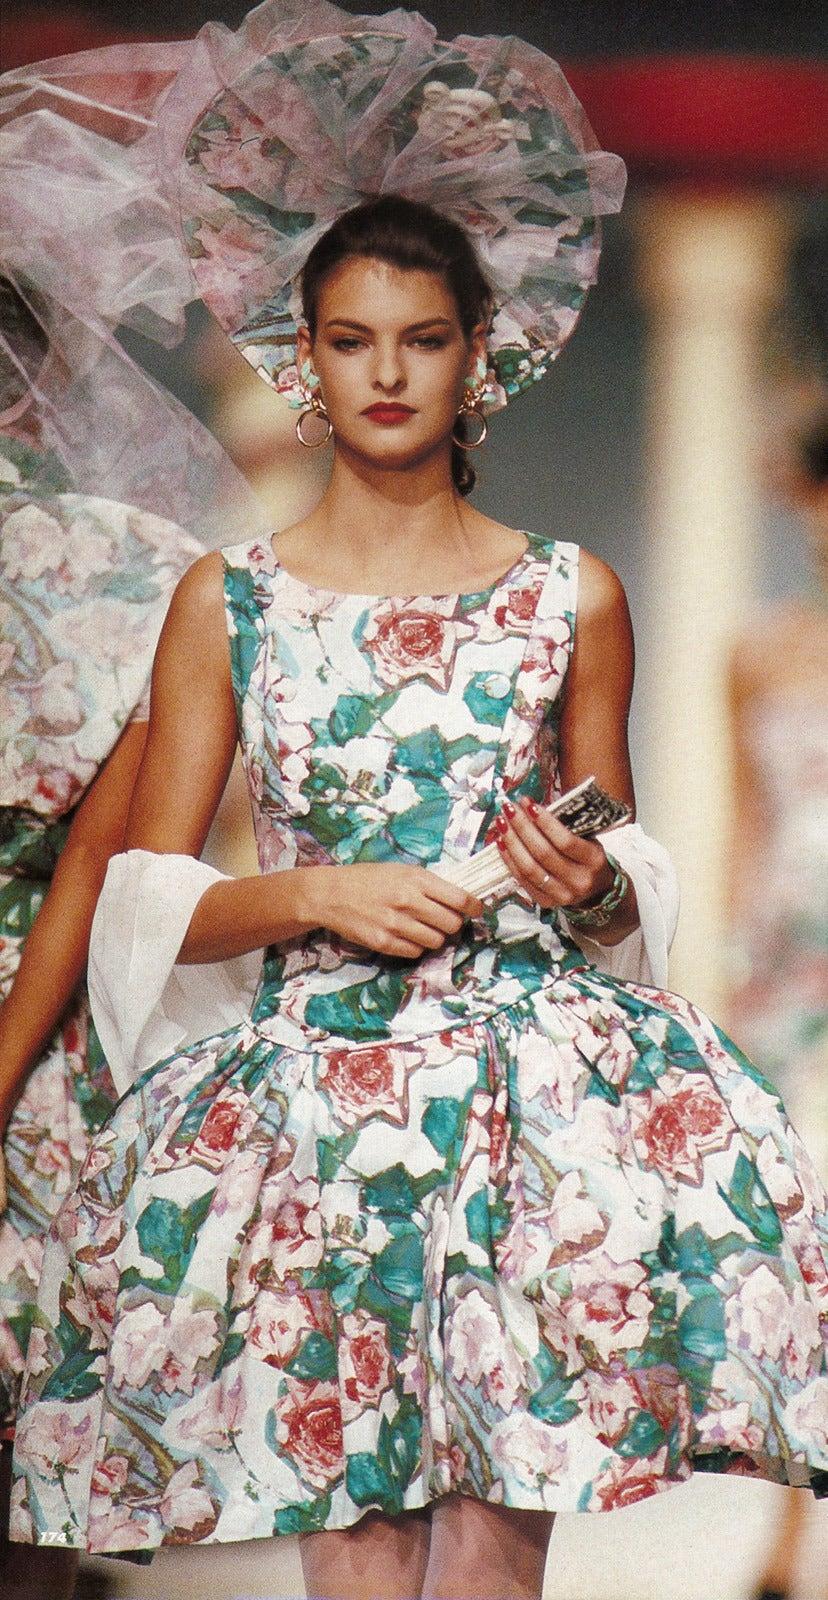 Iconic 1980s Karl Lagerfeld Marie Antoinette Dress S/S 1988 6